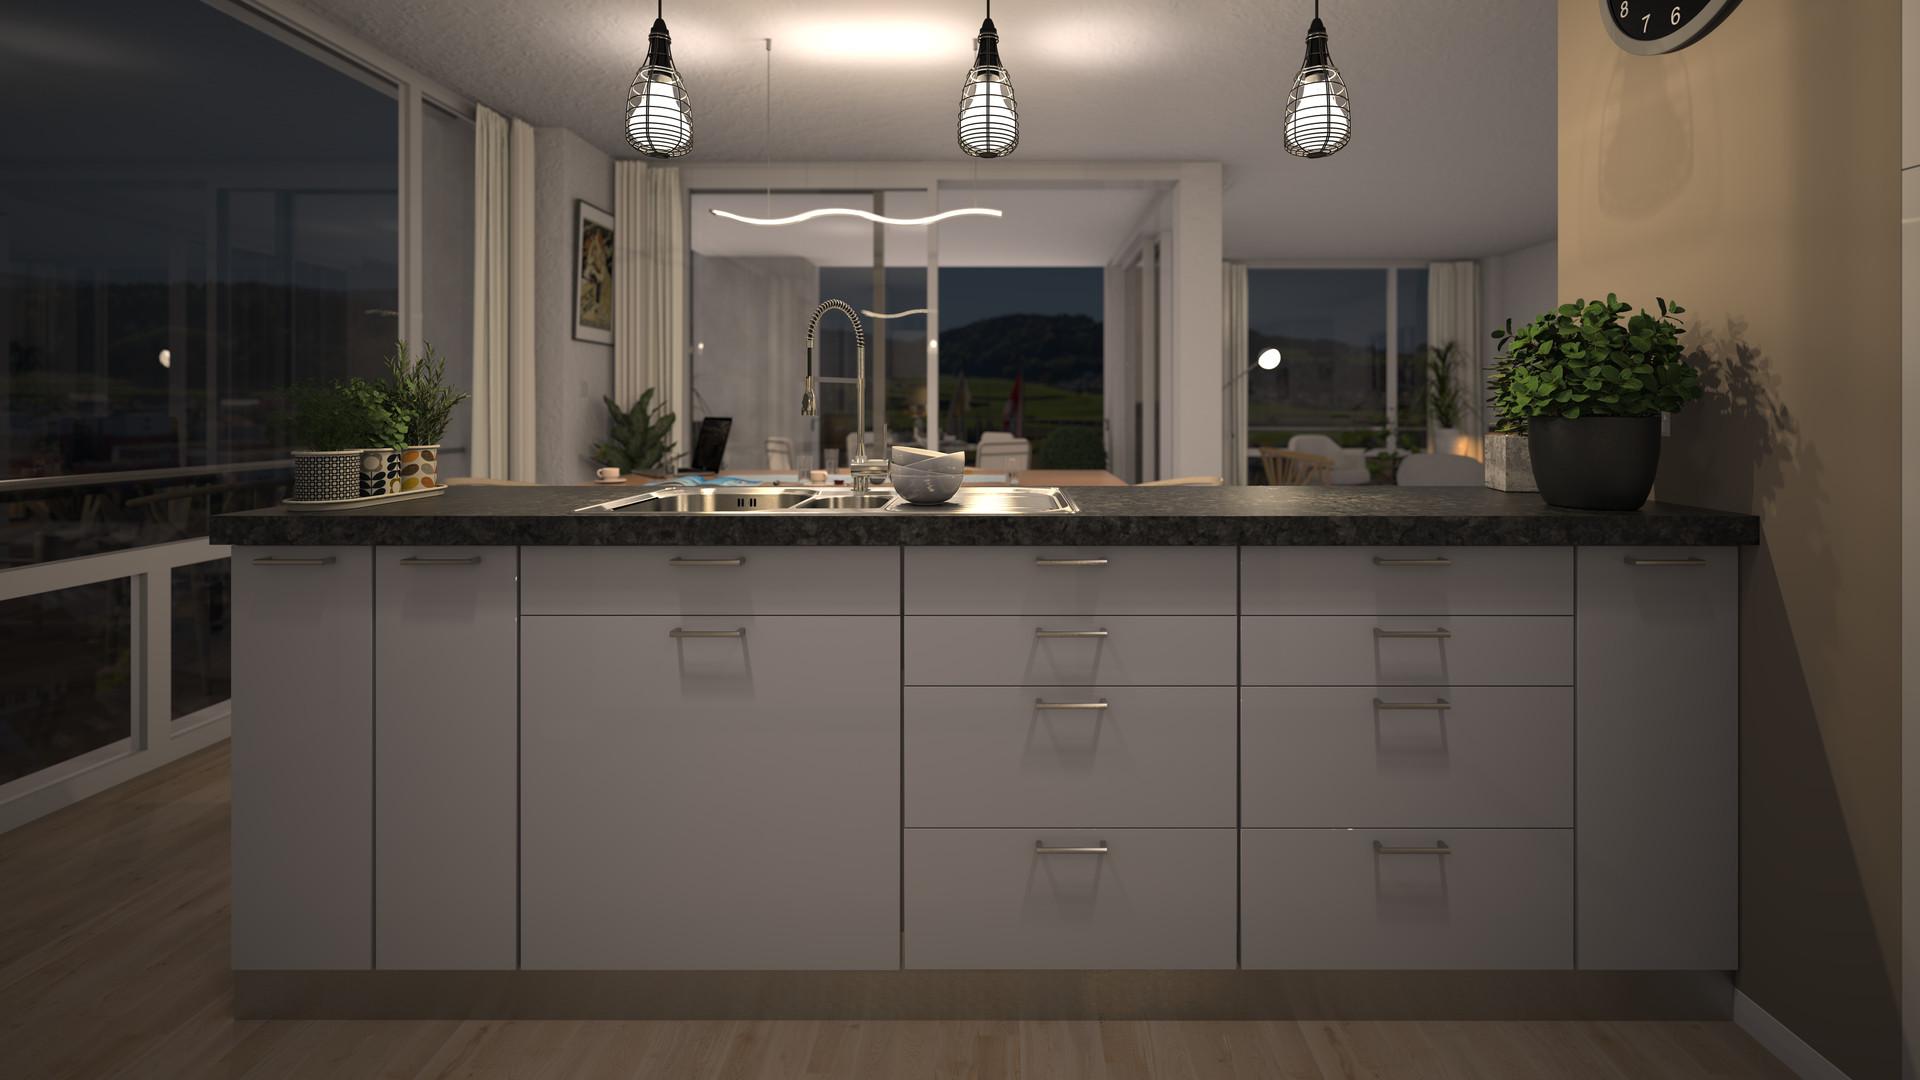 Duane kemp apartment model 03 v2019 scene 40 night v2 hd3000 x 5333 prestoao 1024 spx 55m15s